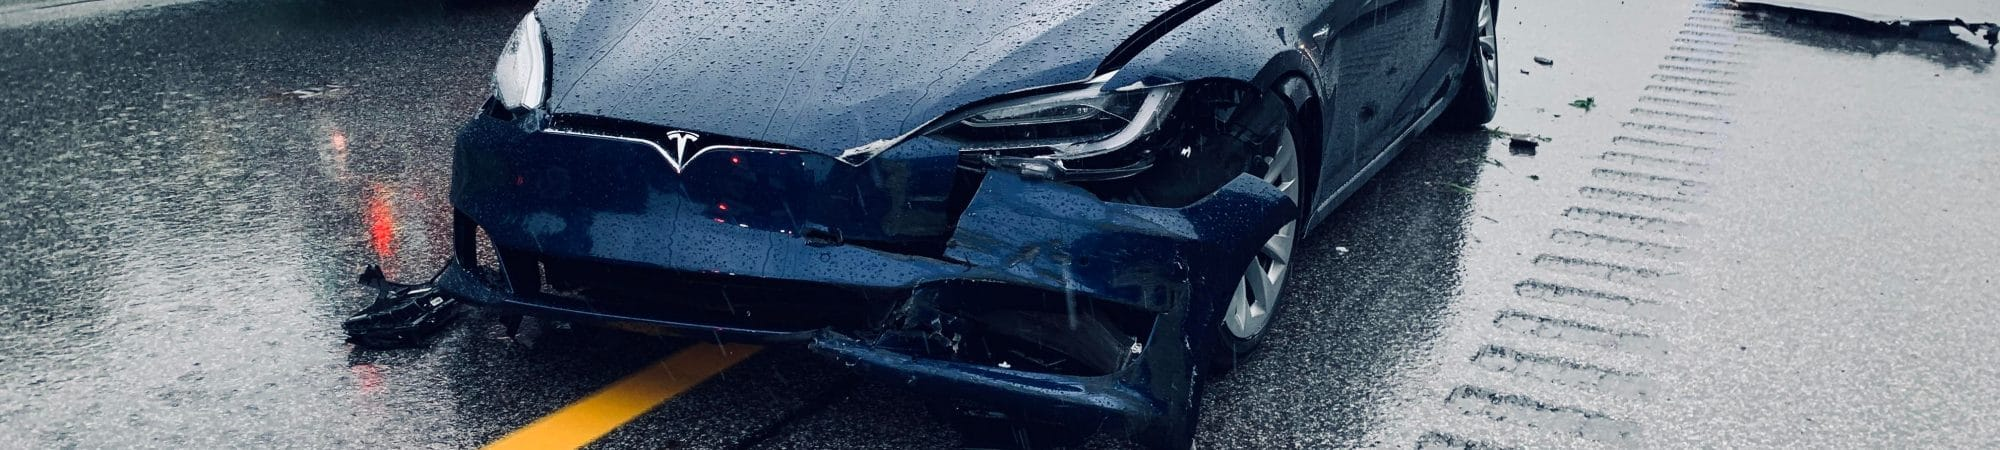 Fotografia de um modelo 3 da Tesla que sofreu um acidente na rodovia em Illinoiss, Chicago. Imagem: canadianPhotographer56 / Shutterstock.com